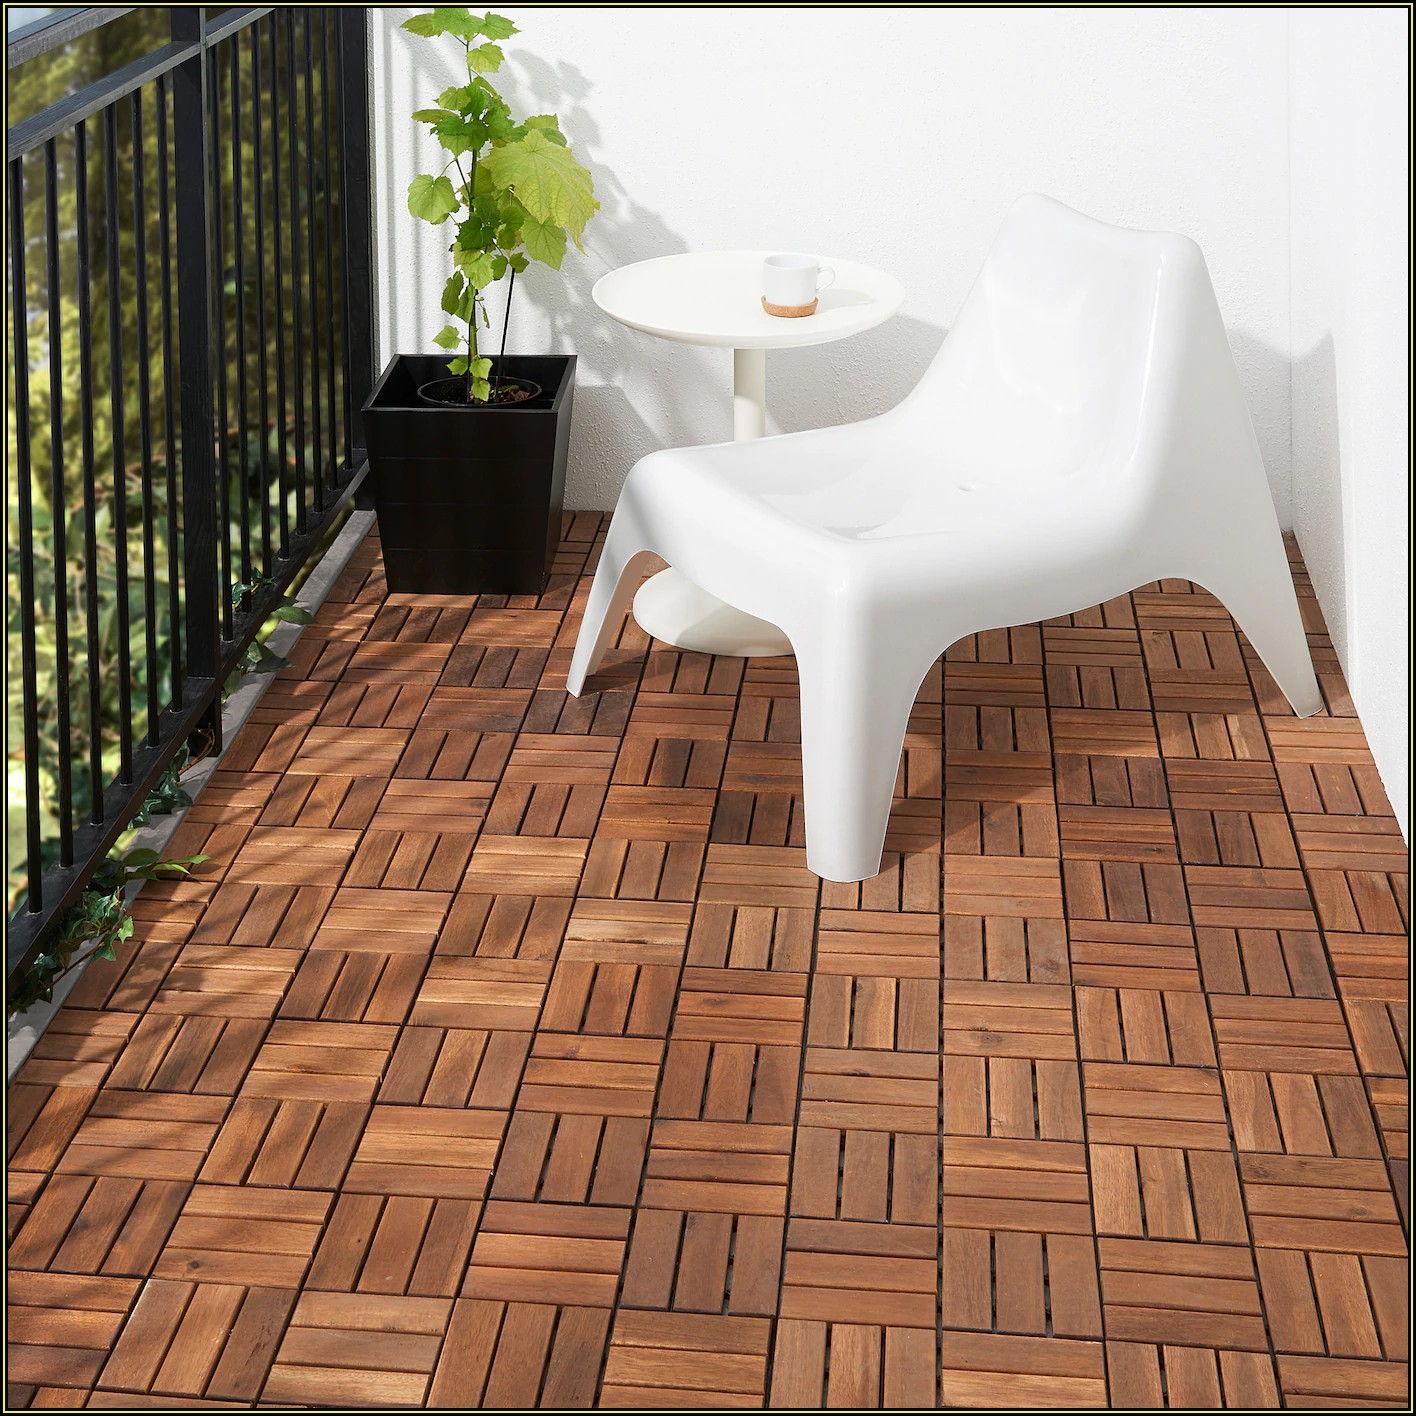 Outdoor Patio Deck Flooring